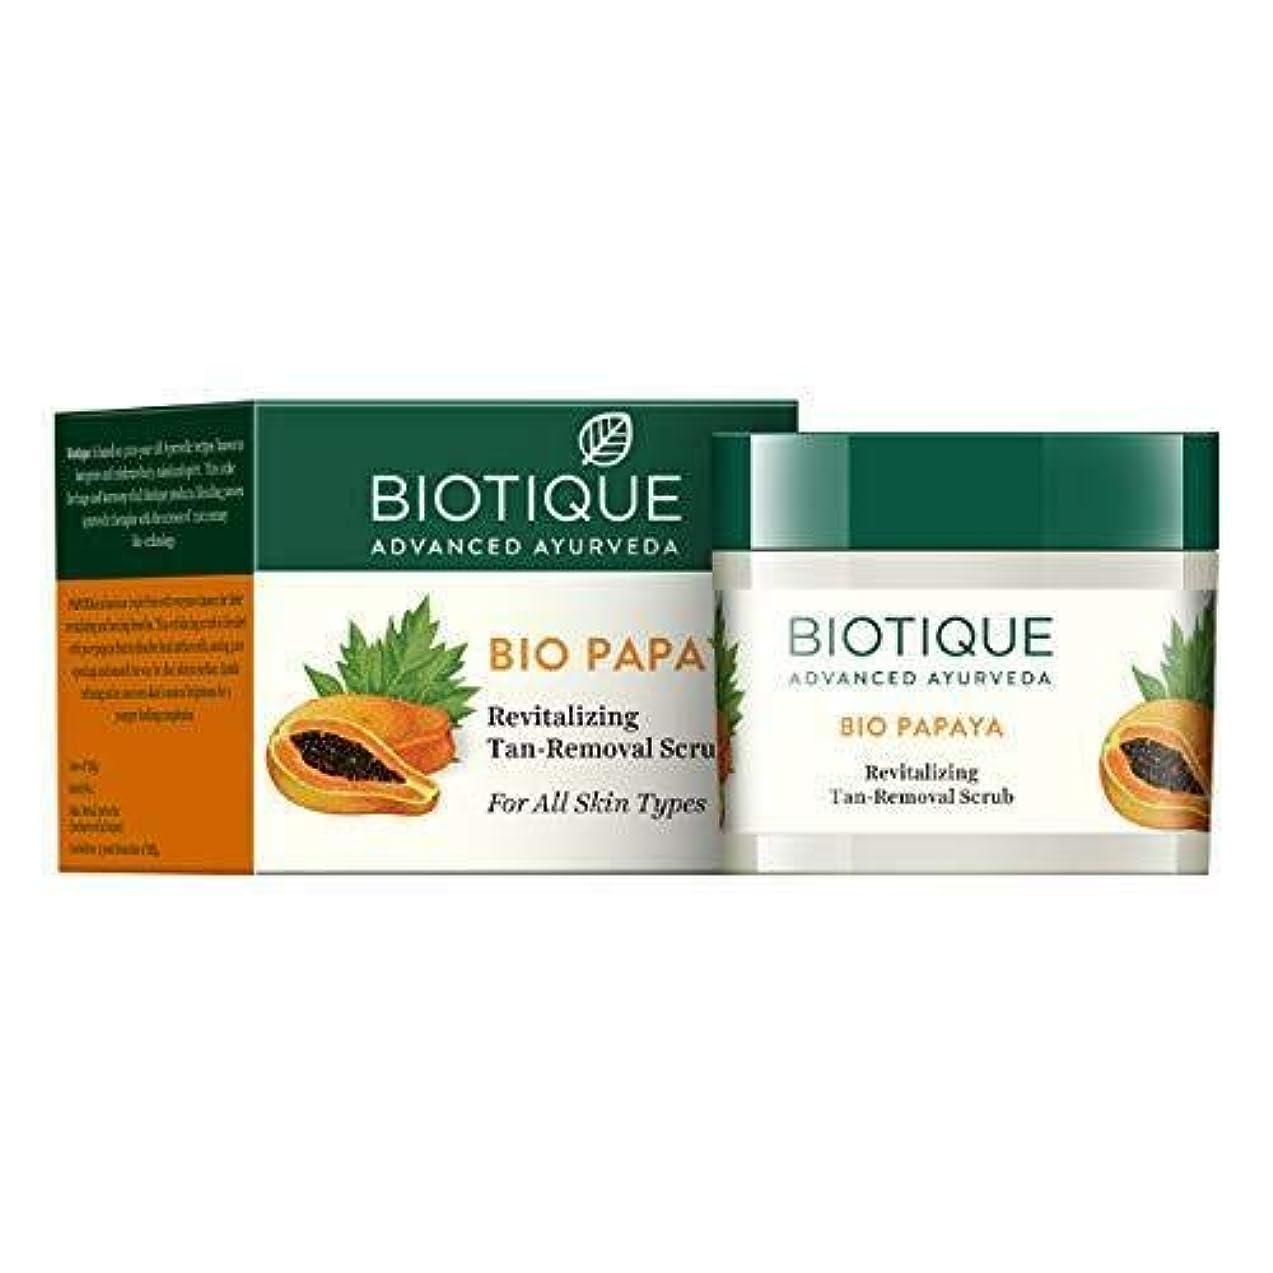 後ろ、背後、背面(部コピー昇進Biotique Bio Papaya Revitalizing Tan Removal Scrub for All Skin Types 75g すべての肌タイプのための日焼け除去スクラブを活性化させるBiotique...